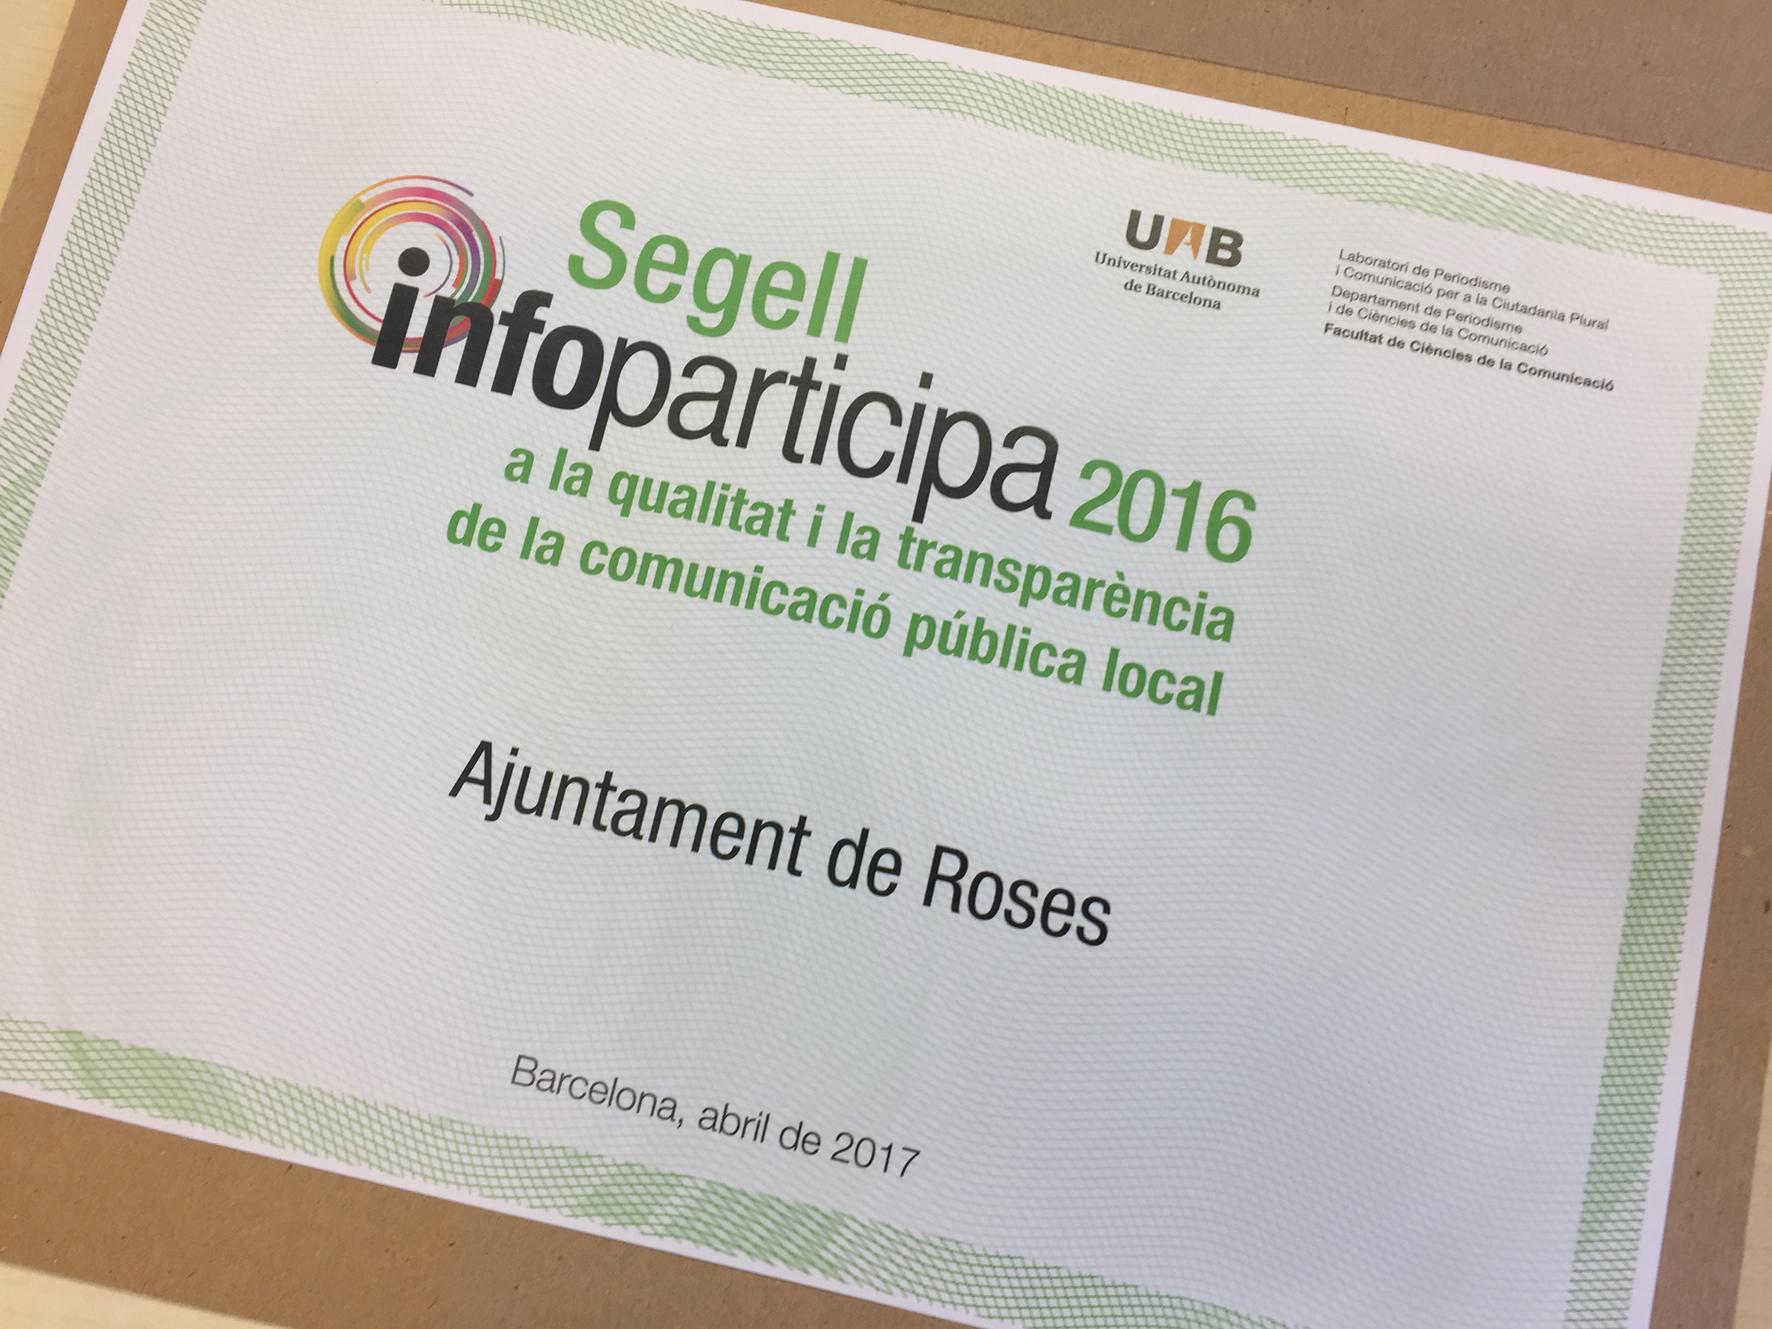 Roses revalida el Segell Infoparticipa a la qualitat i la transparència del web roses.cat